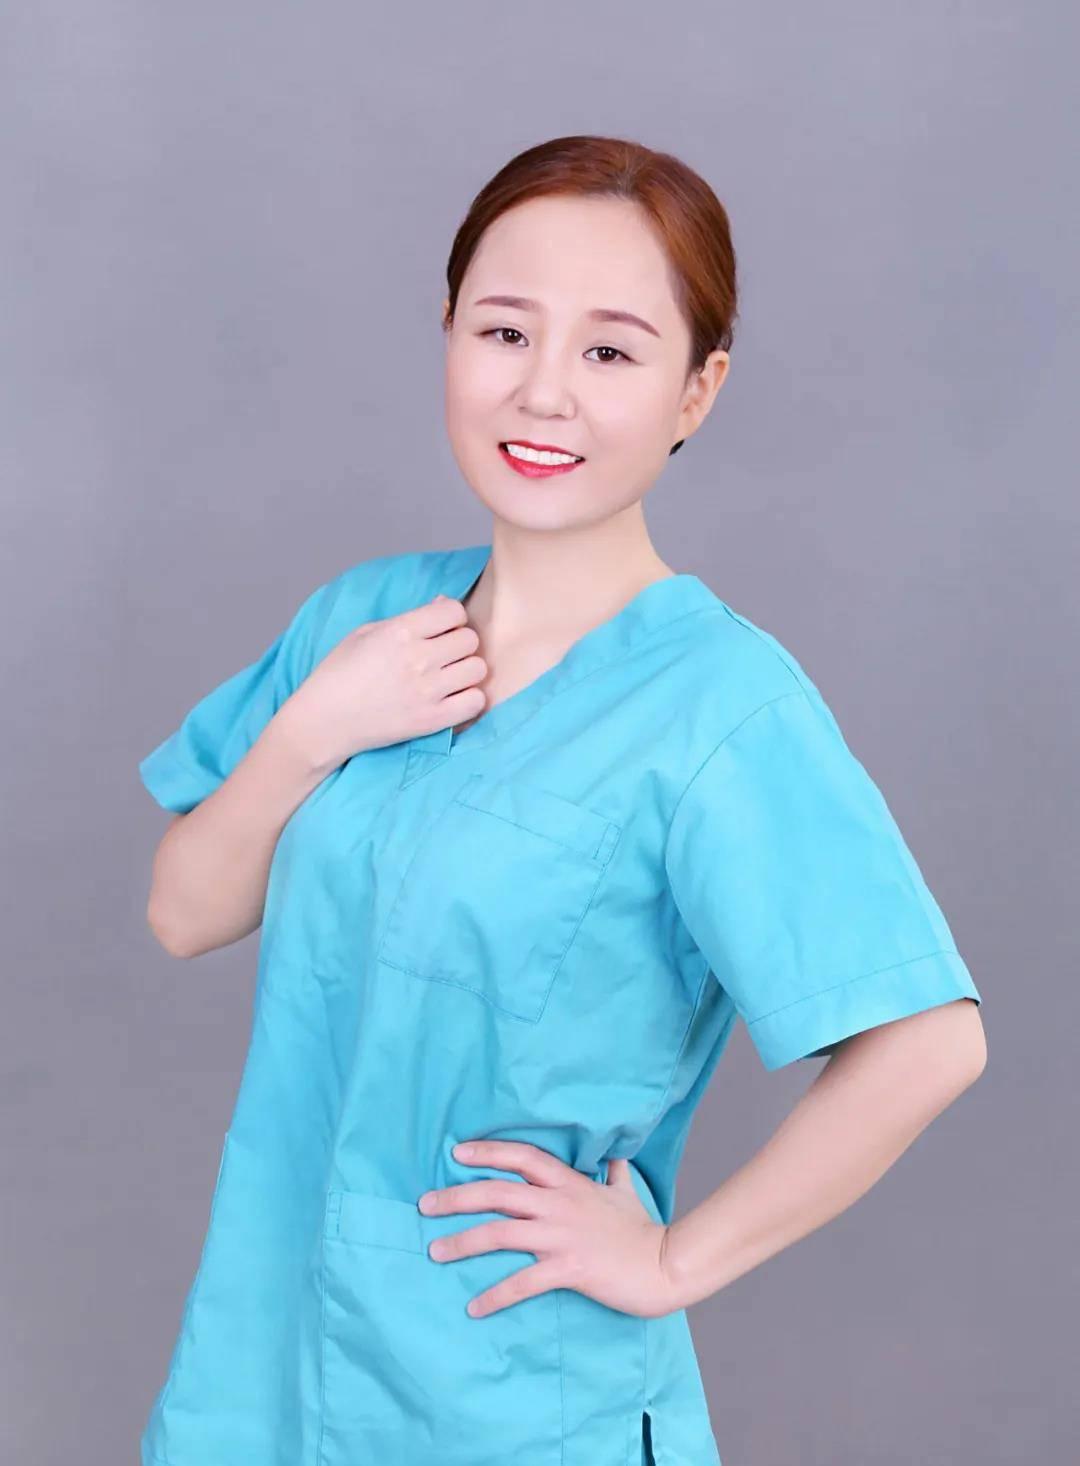 儿科护理授课 PK 赛,一个好「老师」的自我修养